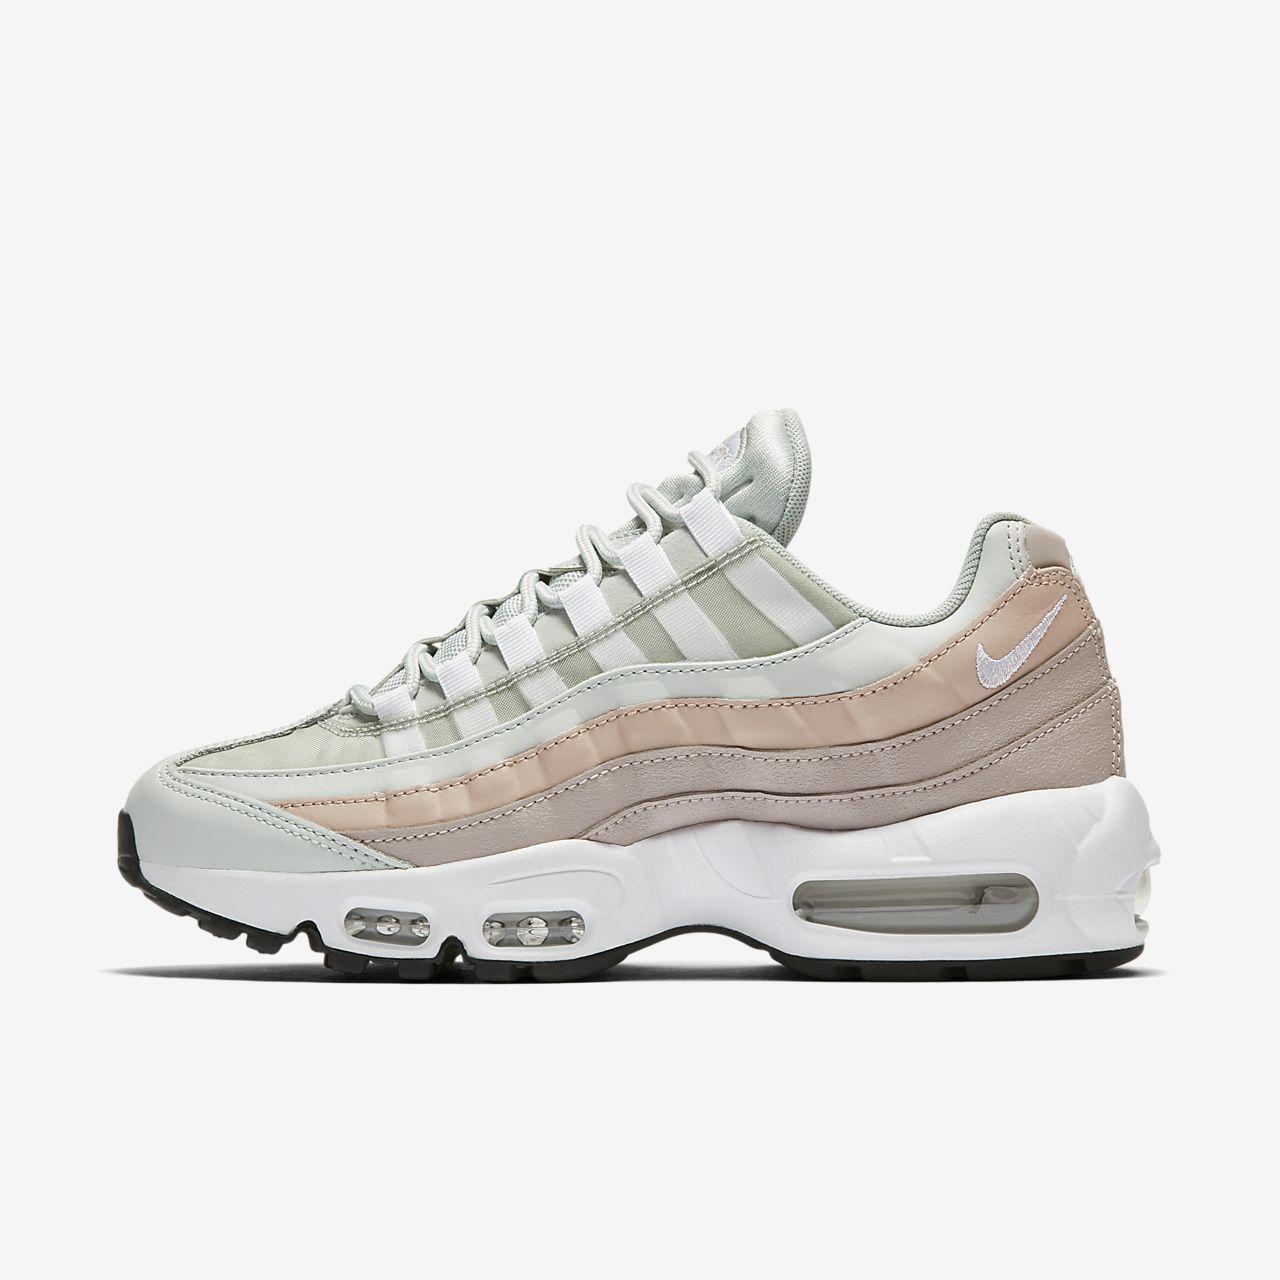 donna's scarpe nike air max 95 premiumax-95-scarpe-1kd58t